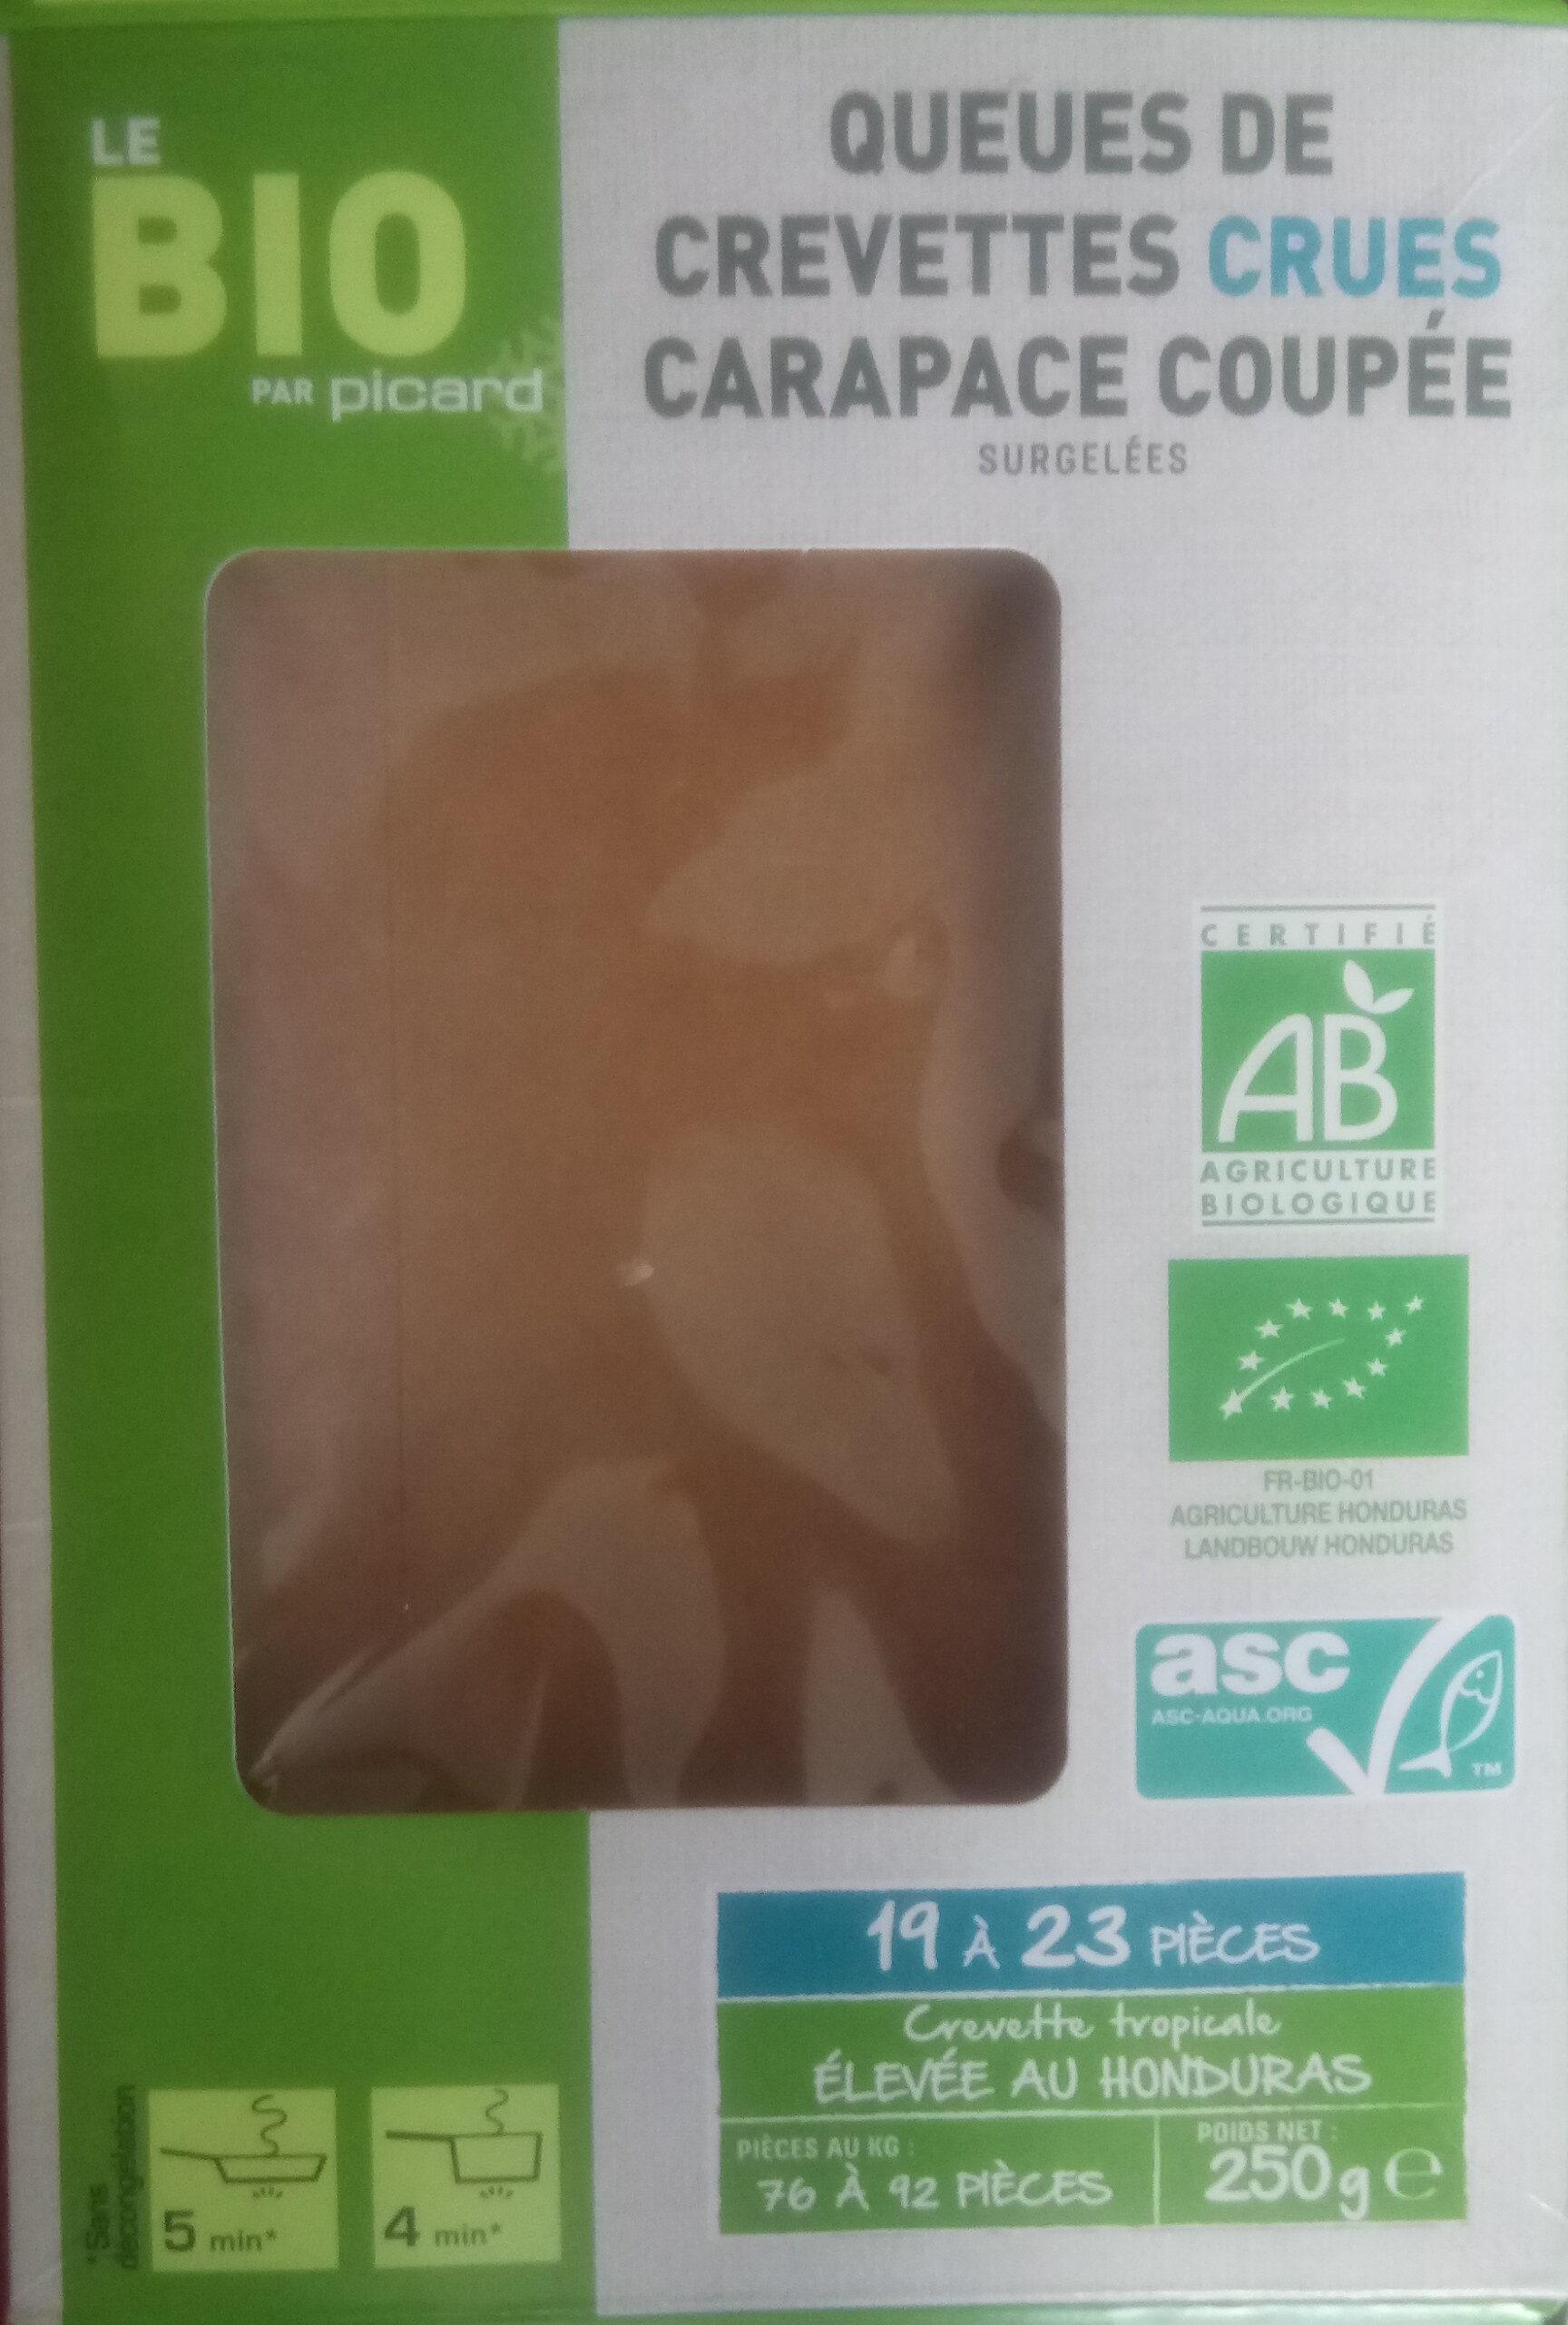 Queus de crevettes crues carapace coupée - Product - fr